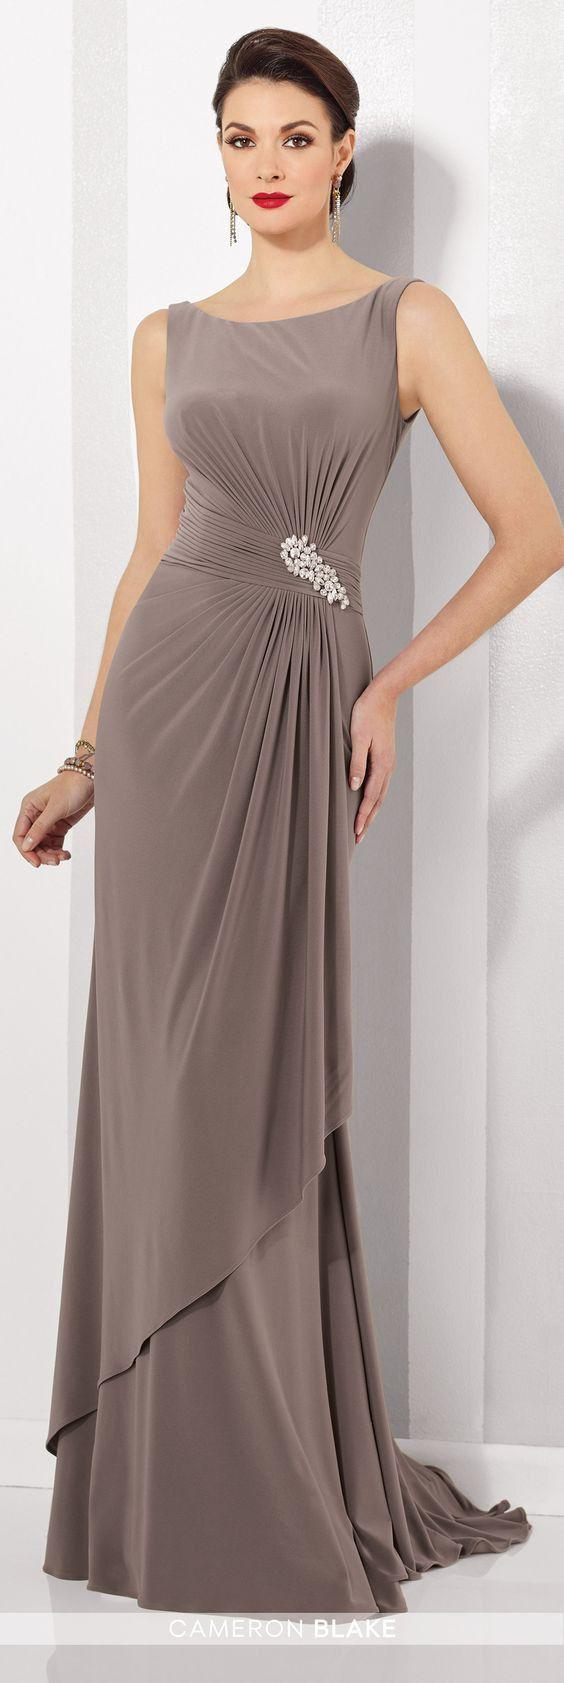 9 Lange Kleider für die Brautmutter und den Bräutigam  Lange